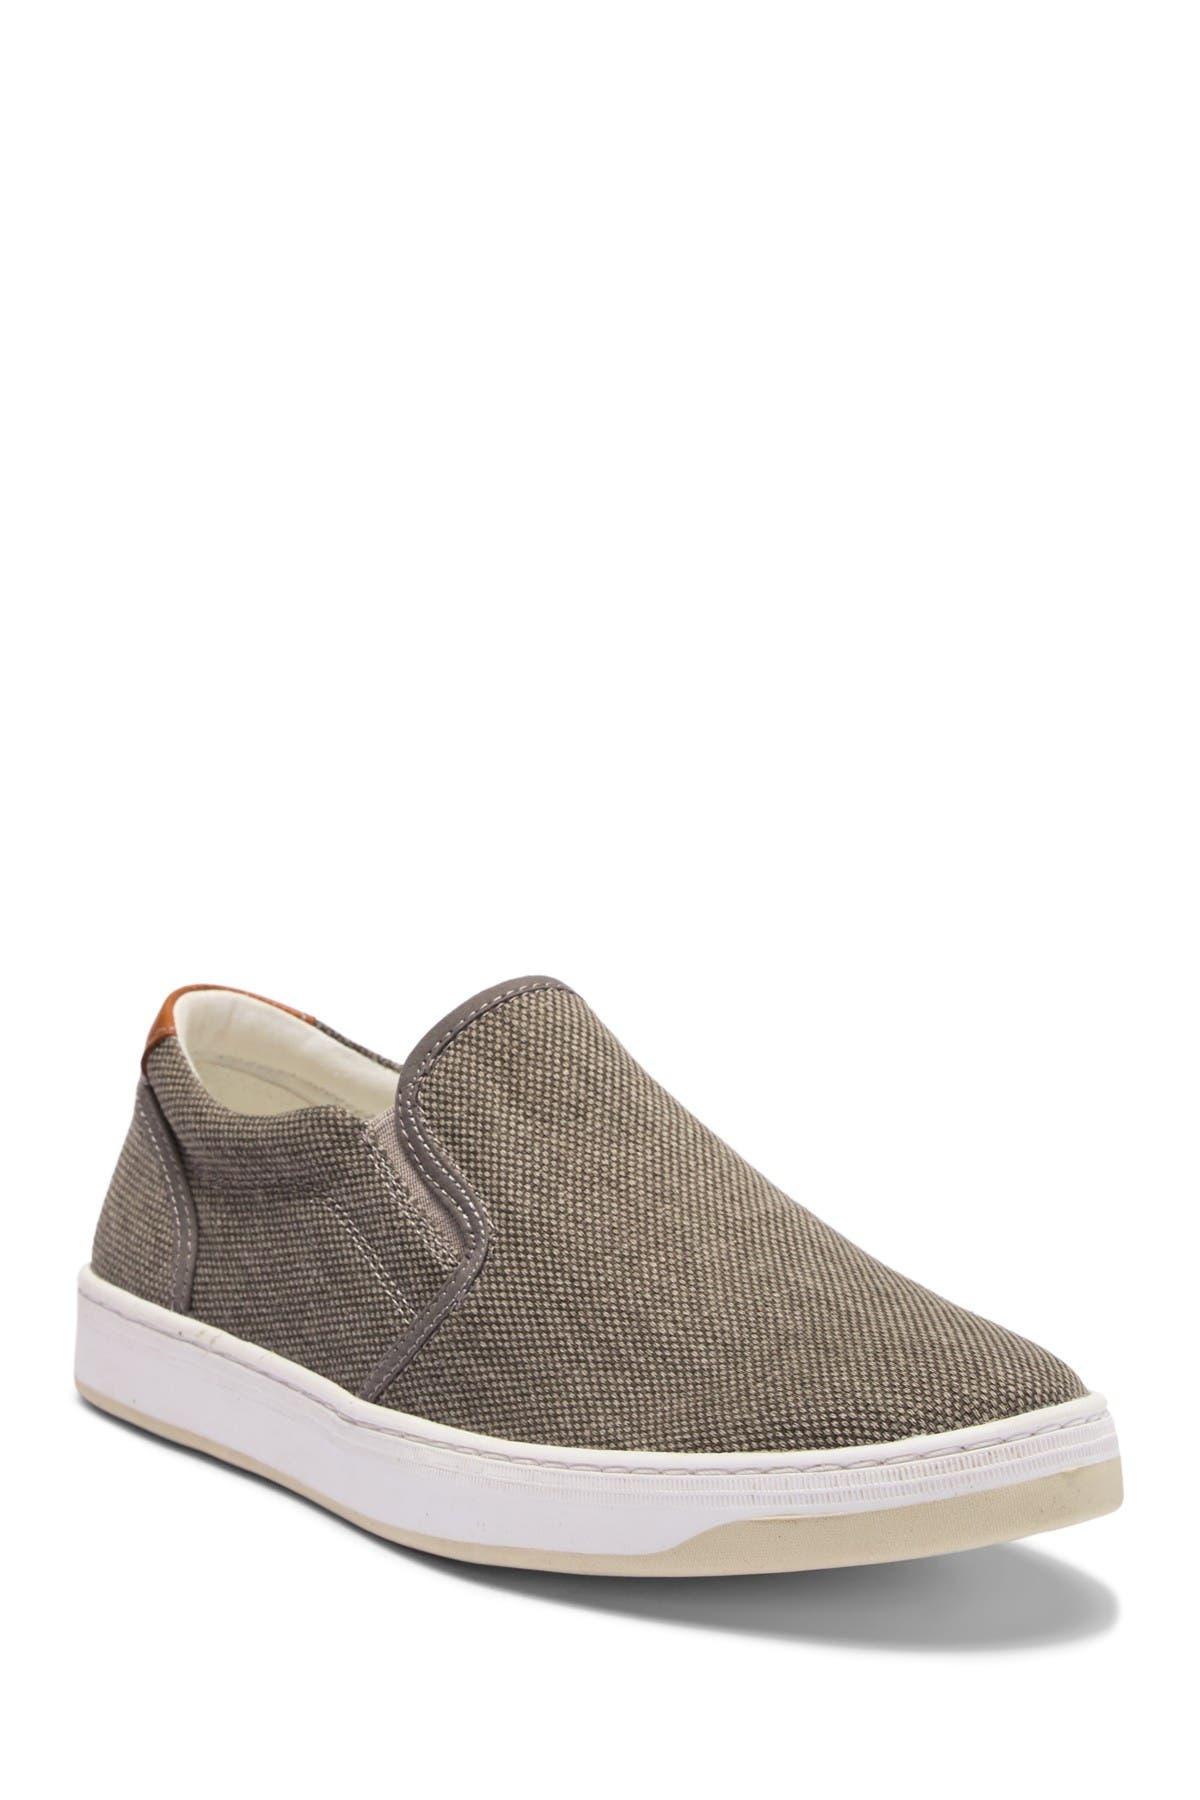 Lucky Brand | Styles Slip-On Sneaker